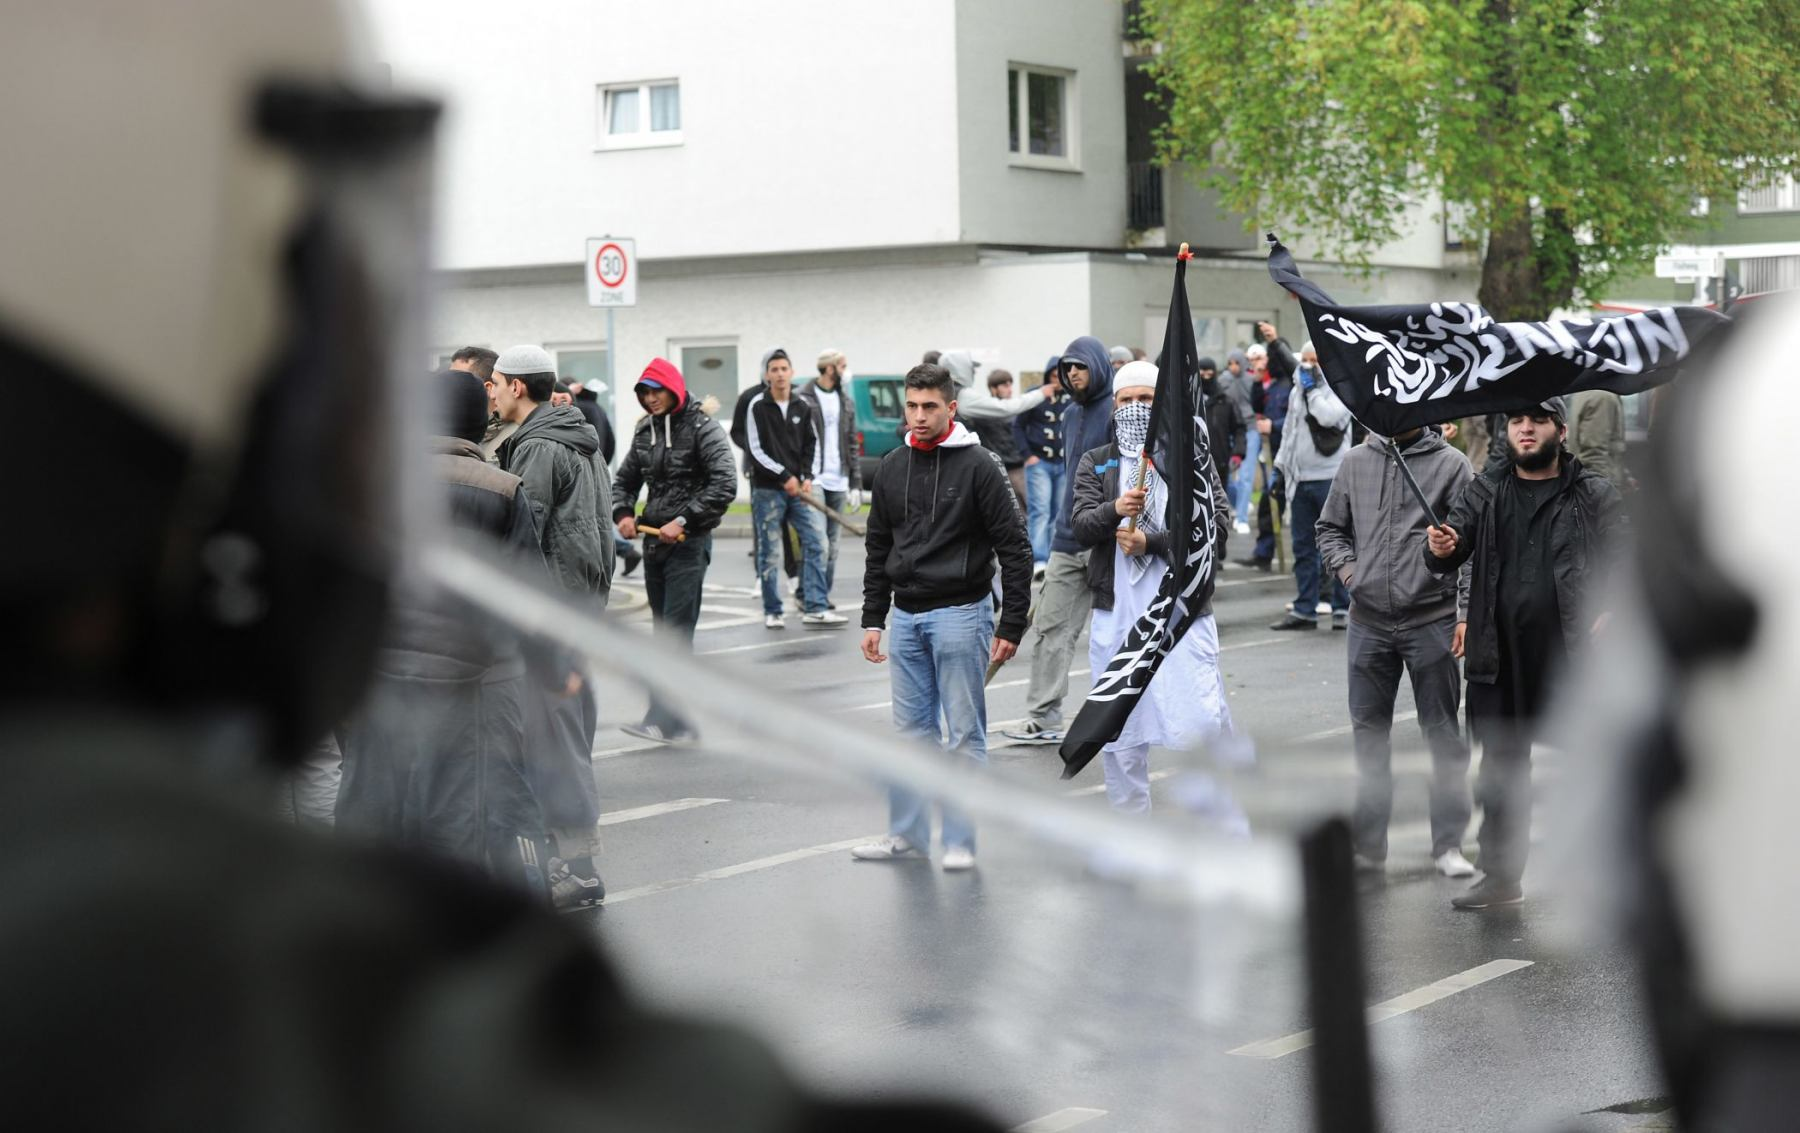 Polizisten drängen am Samstag (05.05.2012) bei einer Protestkundgebung gegen eine Wahlkampfveranstaltung der Partei Pro NRW vor der König Fahd Akademie in Bonn Gegendemonstranten ab. Erneut gab es gewalttätige Ausschreitungen von Salafisten bei einer Provokation durch eine rechte Splitterpartei. Bei den Ausschreitungen waren 29 Polizeibeamte verletzt worden, davon zwei durch Messerstiche. Sie wurden weiter im Krankenhaus behandelt. Lebensgefahr bestehe nicht, sagte eine Polizeisprecherin am Sonntag.Foto: Henning Kaiser dpa/lnw  +++(c) dpa - Bildfunk+++ | Verwendung weltweit